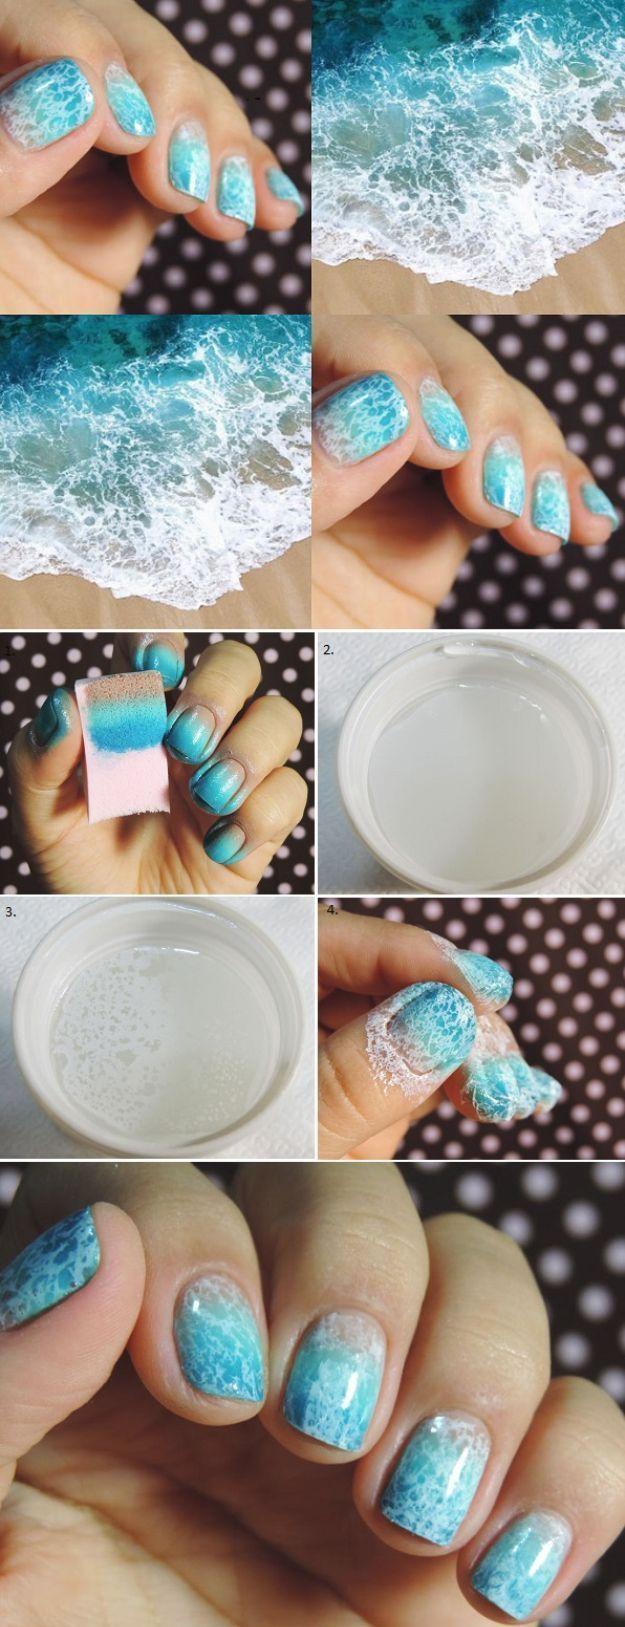 33 Cool Nail Art Ideas - Blue and White Ocean Saran Wrap Manicure Nail Design Tutorial